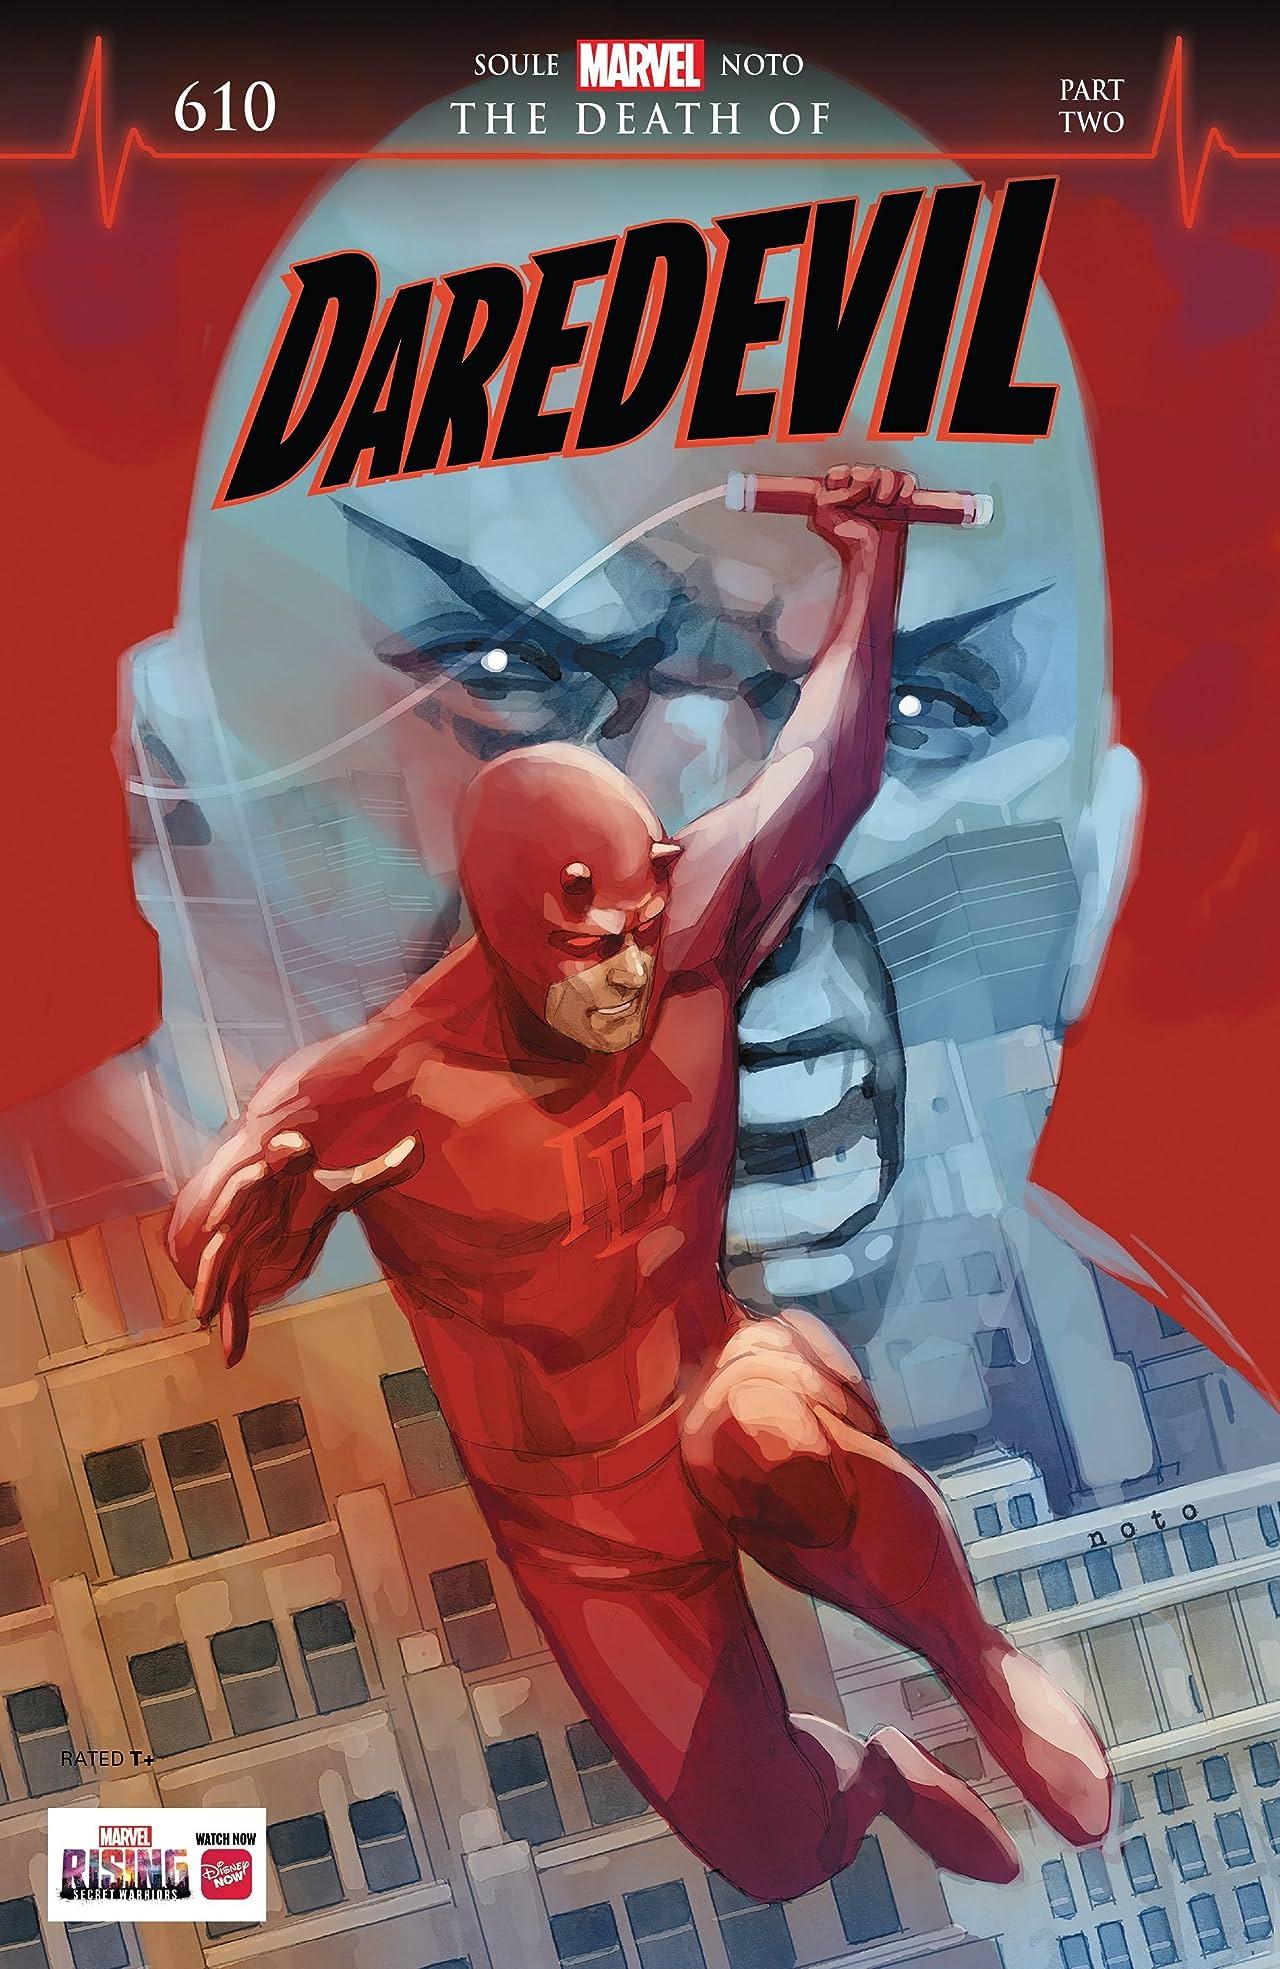 Daredevil (2015-) No.610